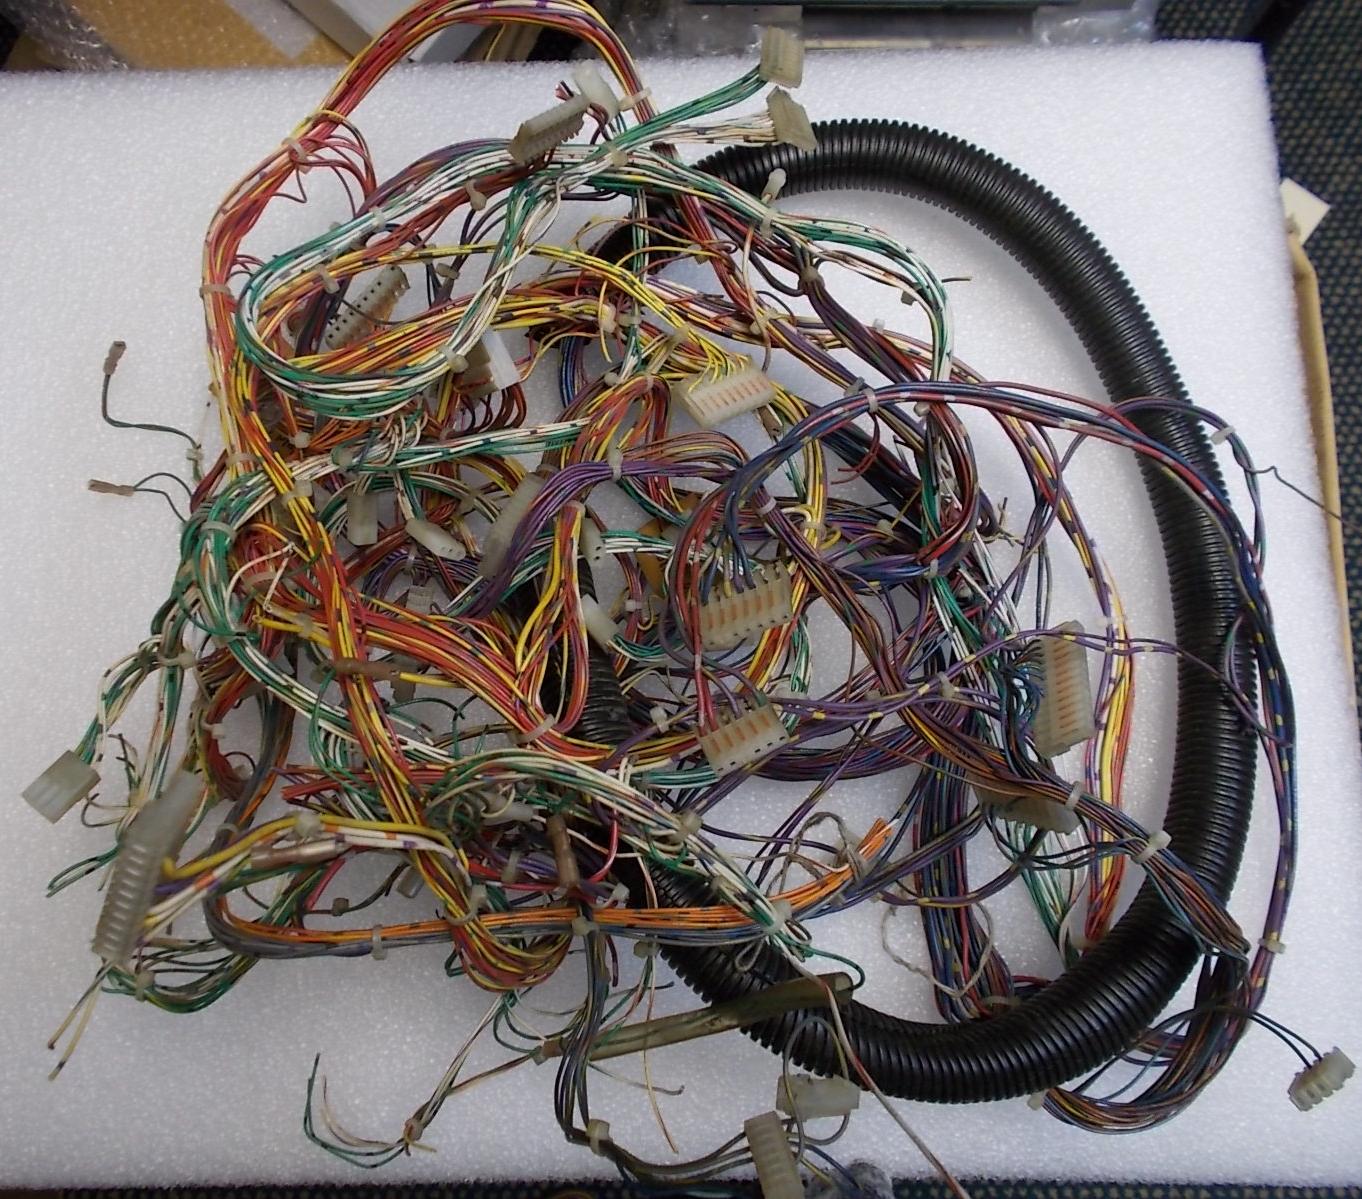 Gottlieb Pinball Wiring Diagrams Parts Elsavadorla Machine Manuals Schematics